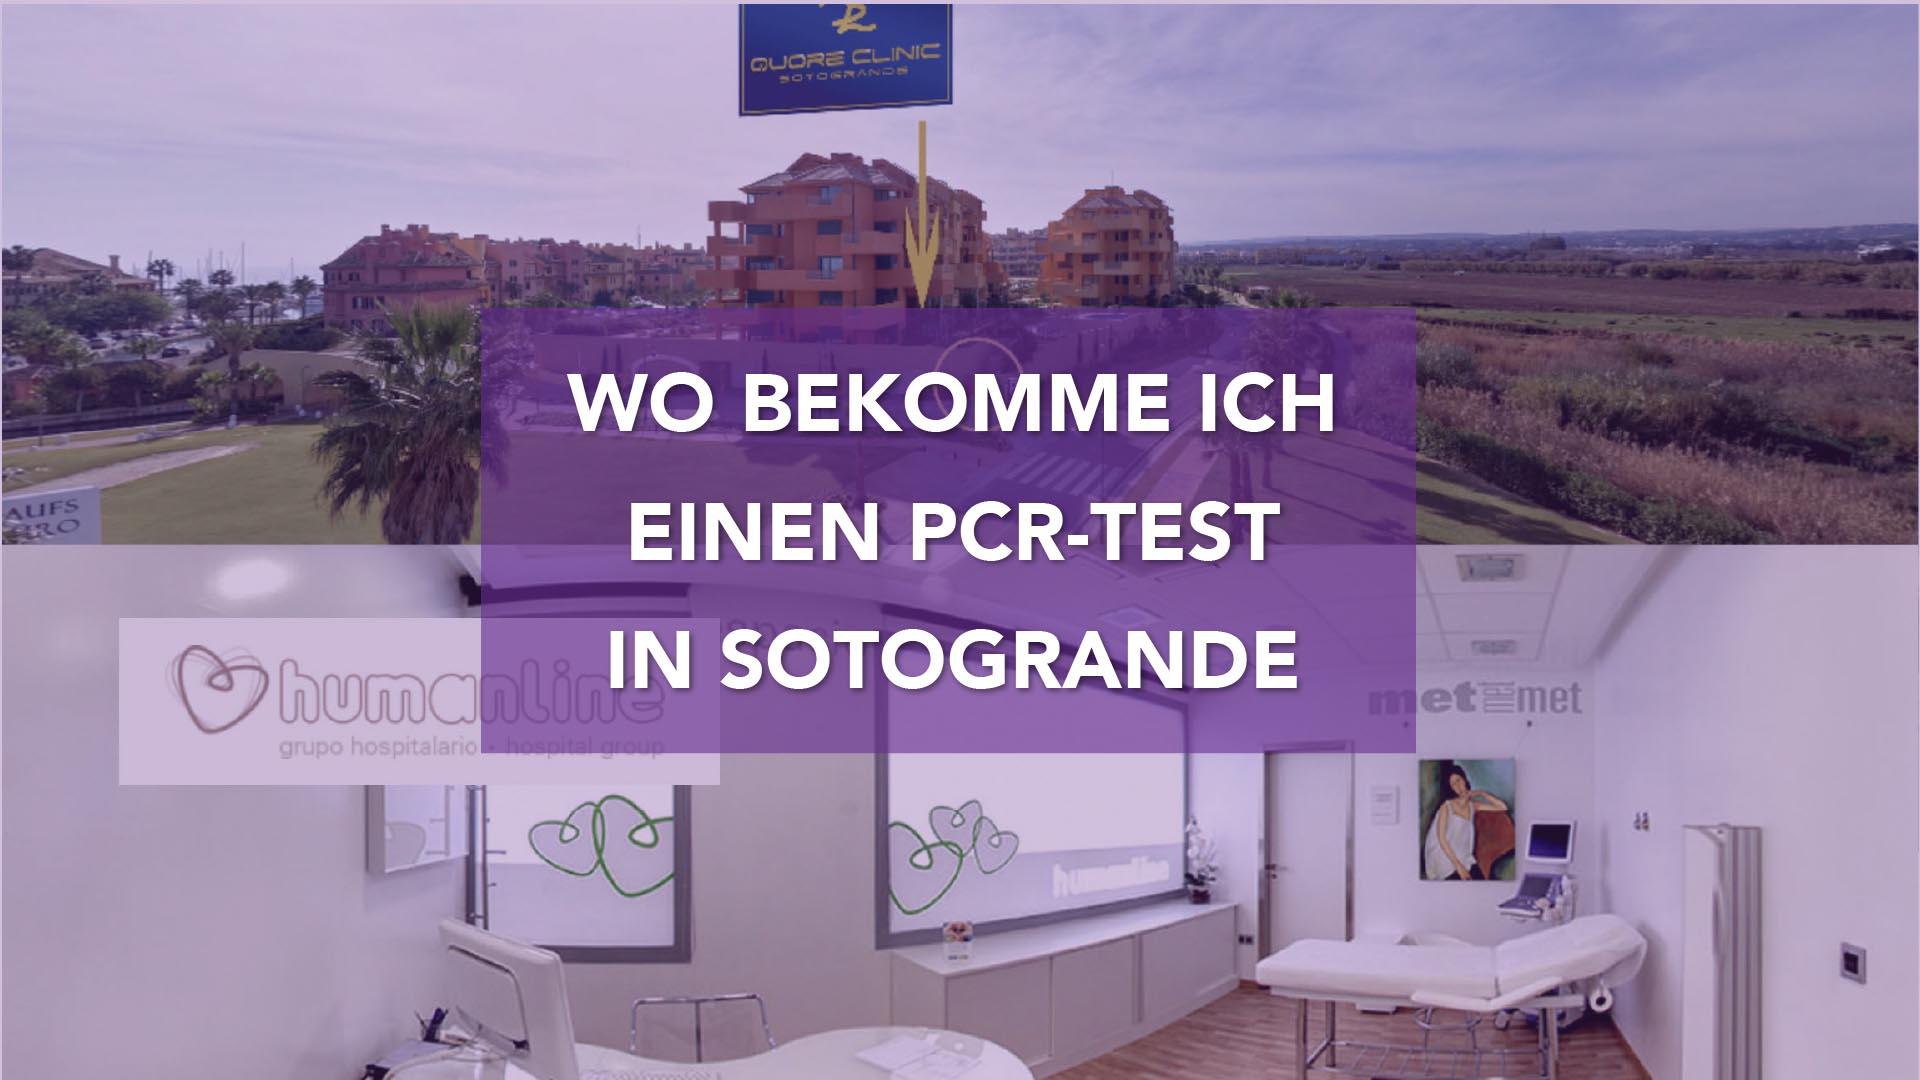 Wo bekomme ich einen PCR-Test in Sotogrande